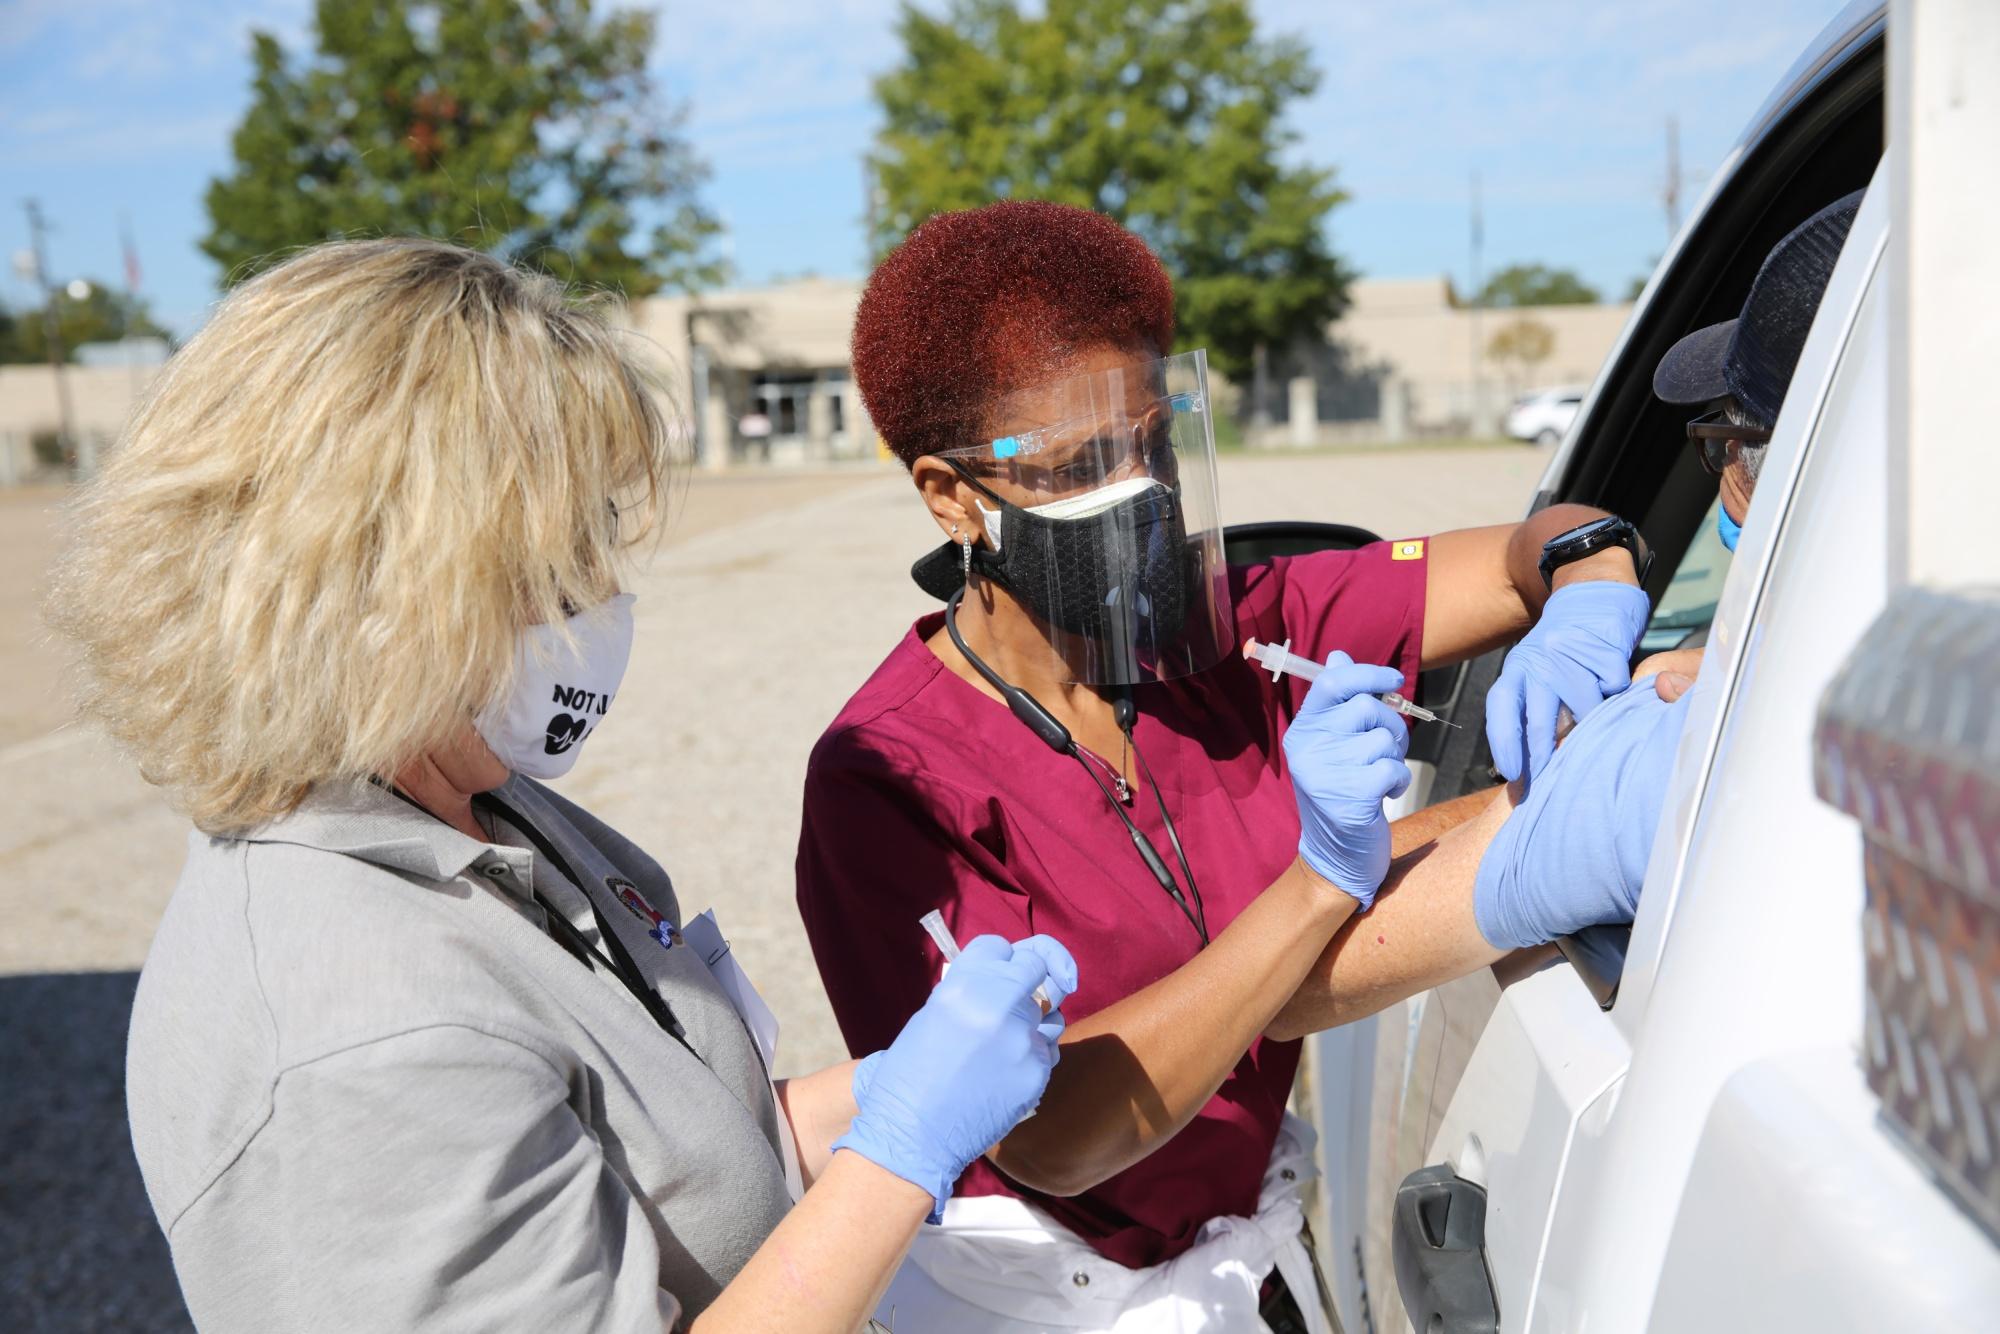 W czwartek, 5 listopada 2020 r., Pracownicy służby zdrowia podają szczepionki przeciw grypie w klinice dla kierowców na grypę w Louisiana State Fairgrounds w Shreveport w stanie Luizjana w USA. Fotograf: Dylan Hollingsworth / Bloomberg